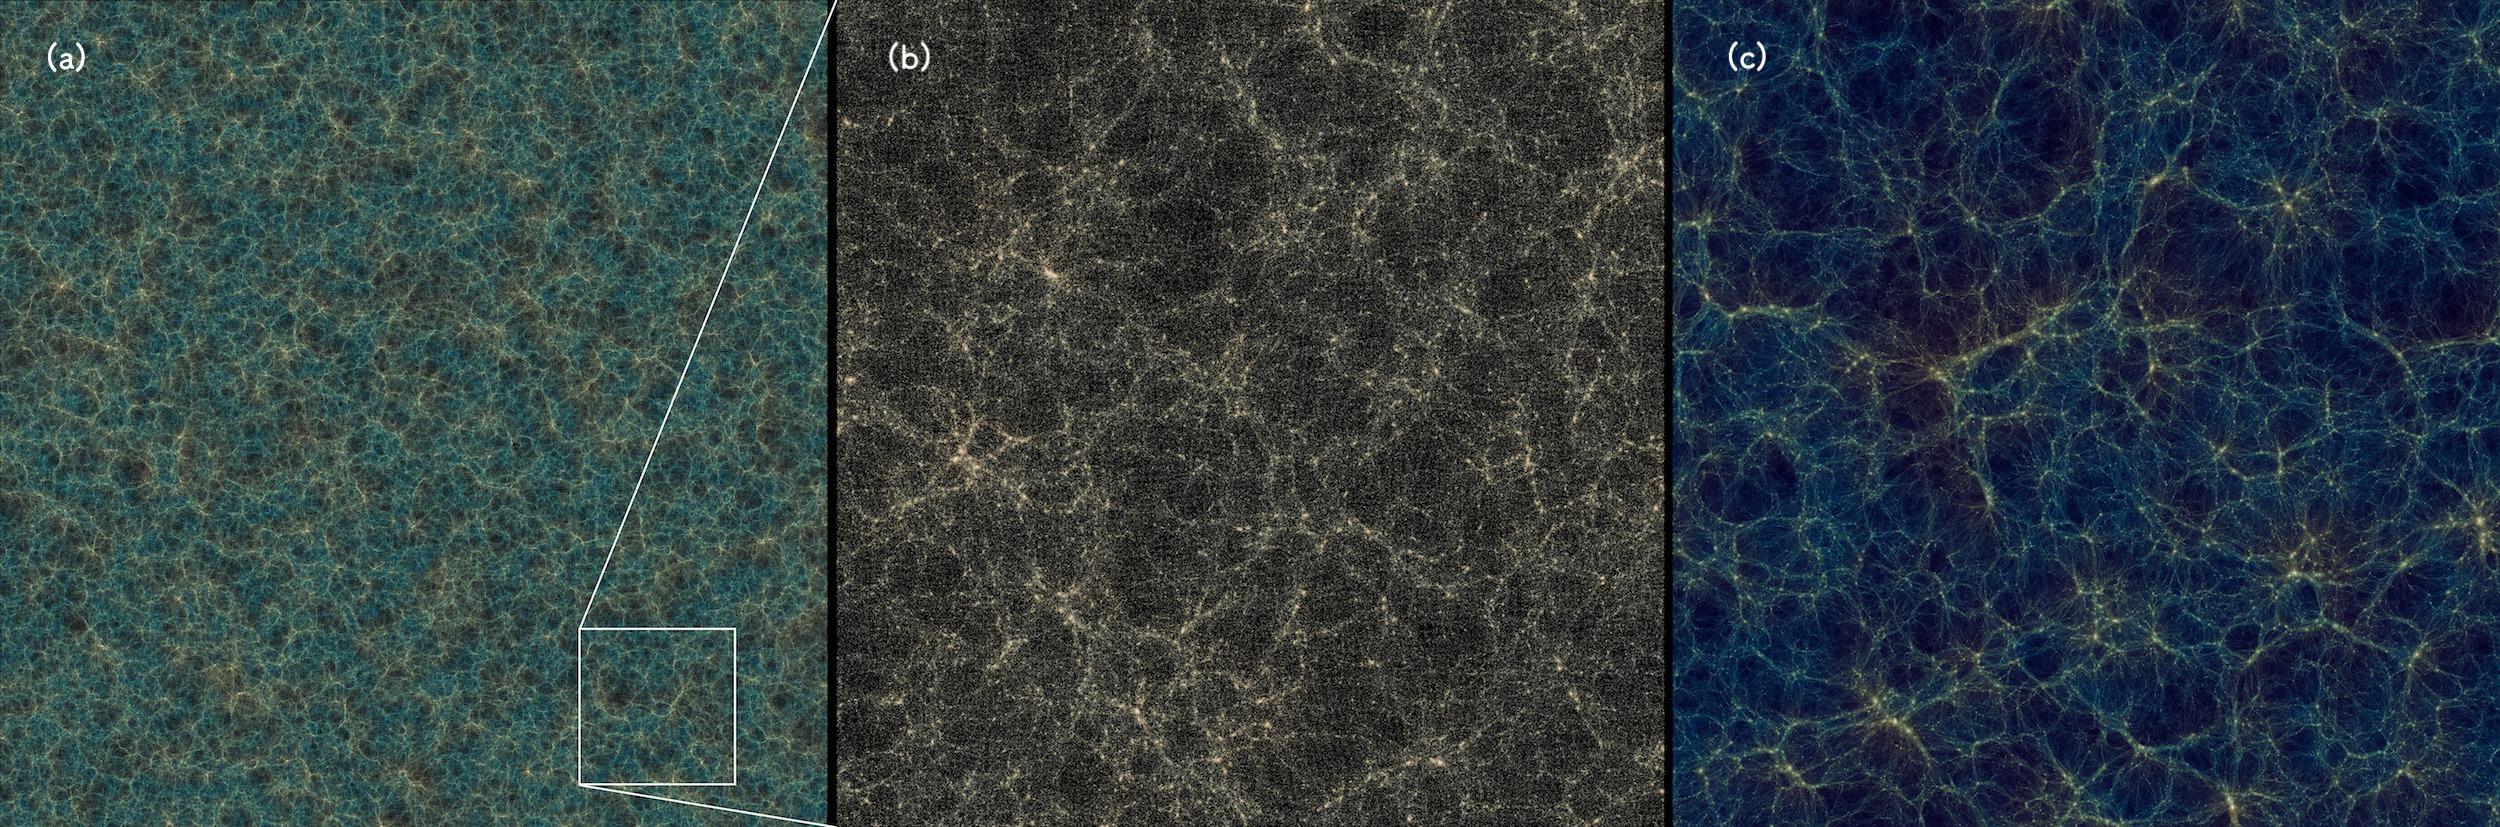 Modelo del Universo